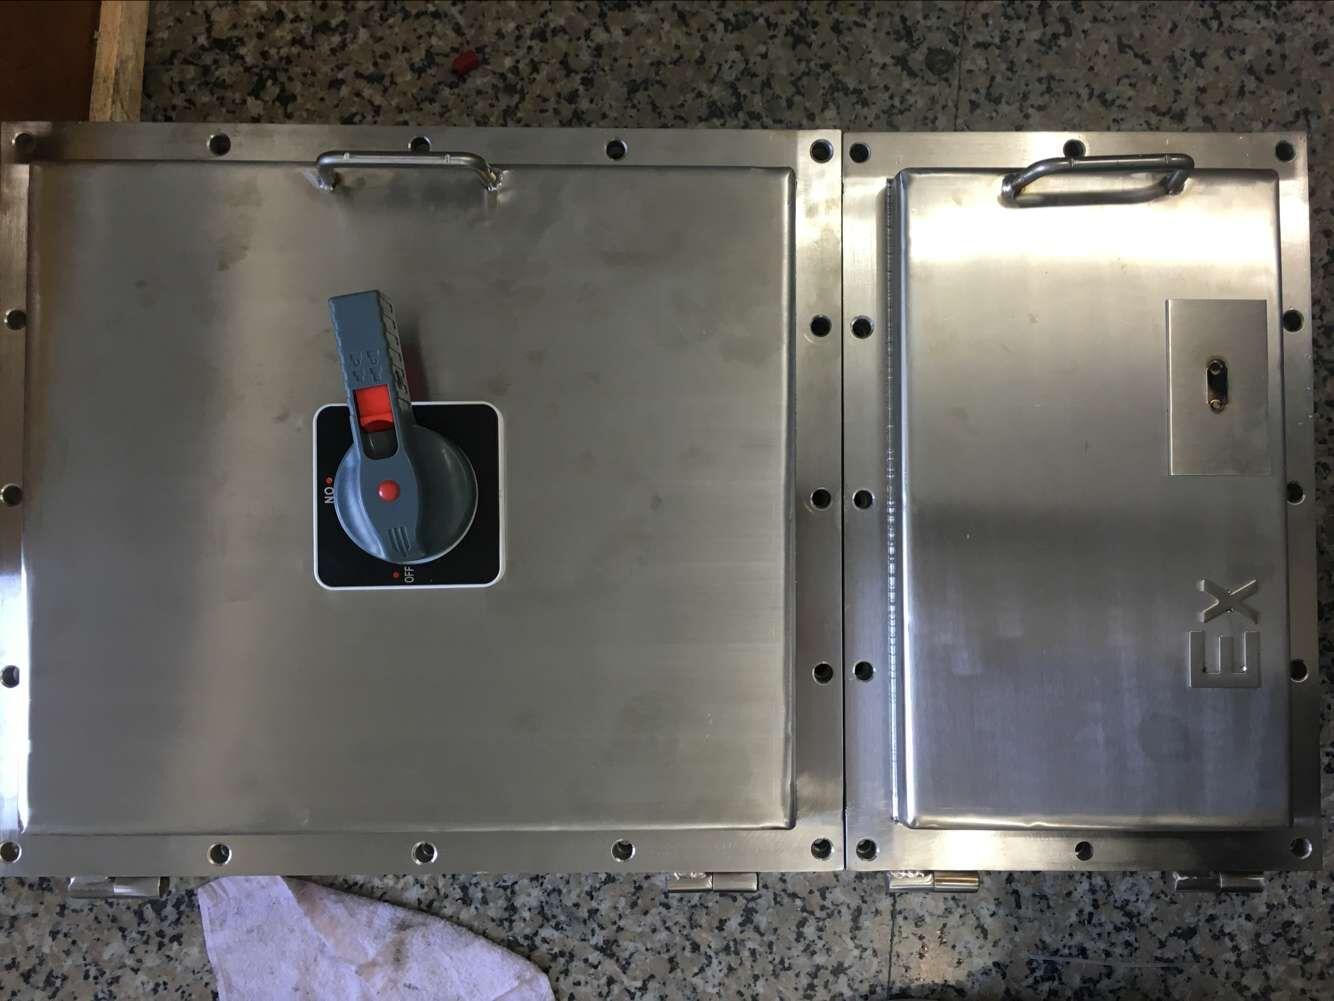 铝合金箱,防爆仪表箱,防爆接线箱,防爆断路器,防爆检修箱,防爆荧光灯